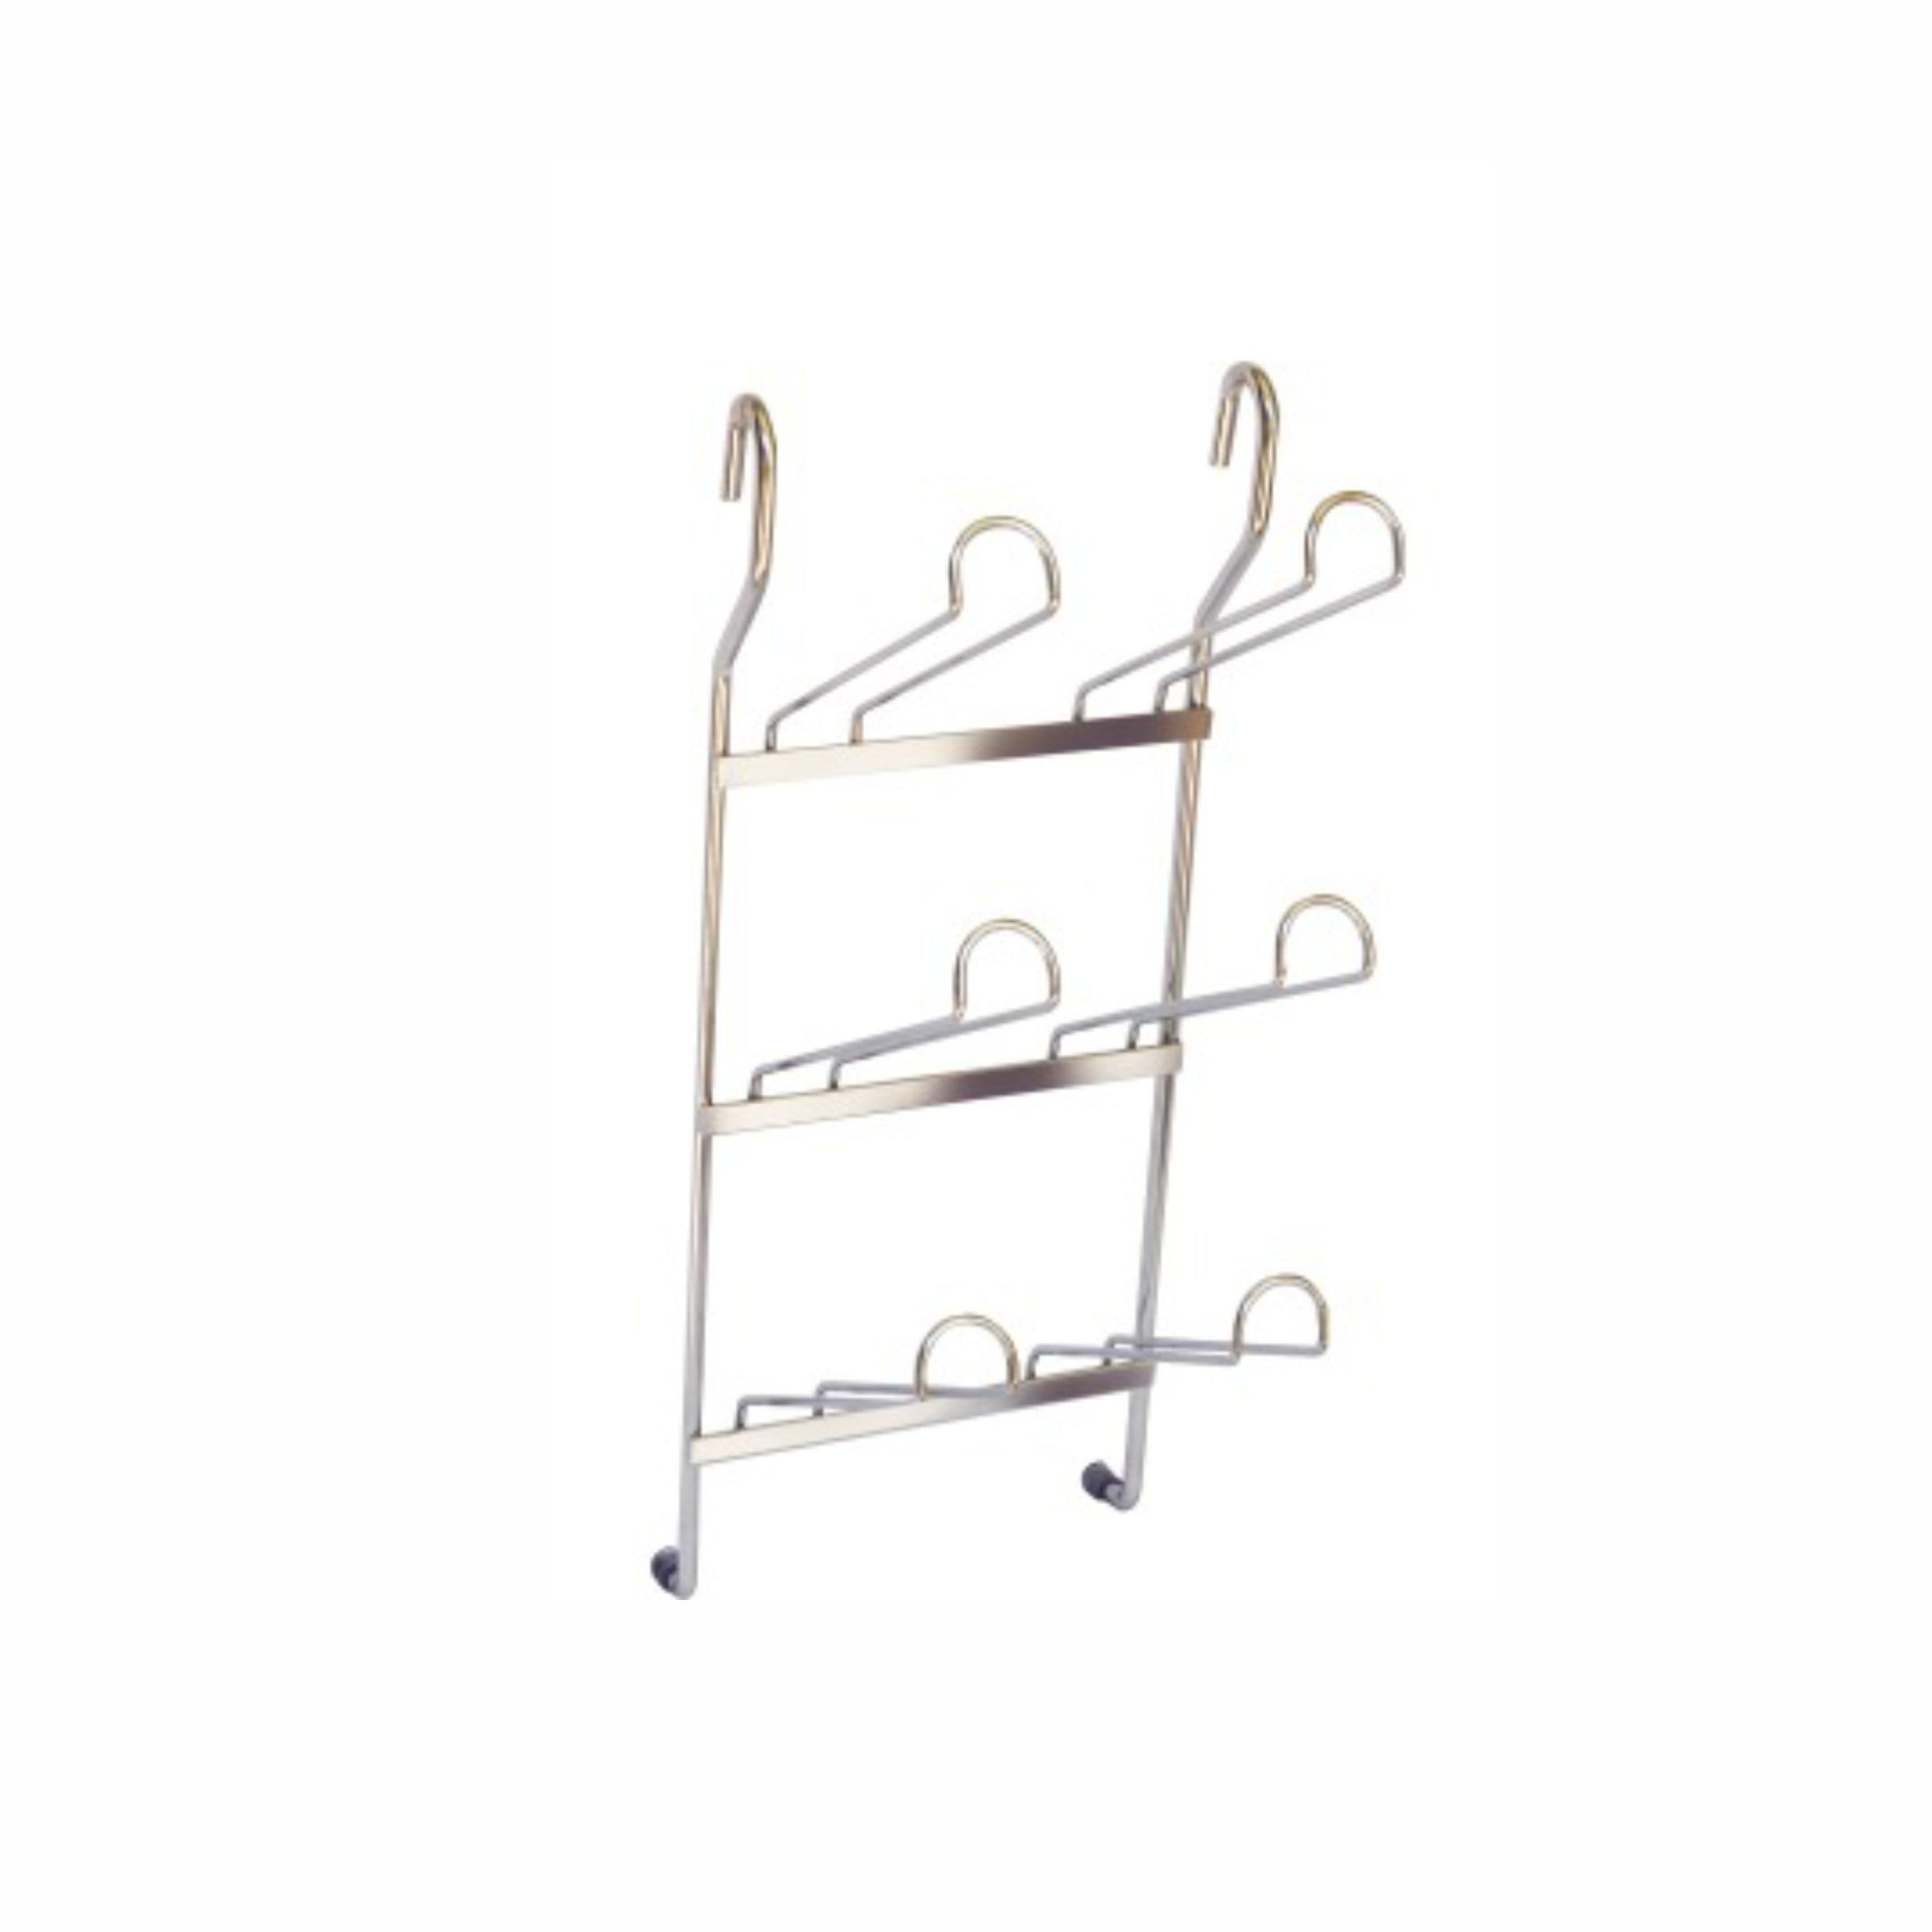 Porta copos Bredal p/ 6 unidades ref.5012 – Cod: 25857